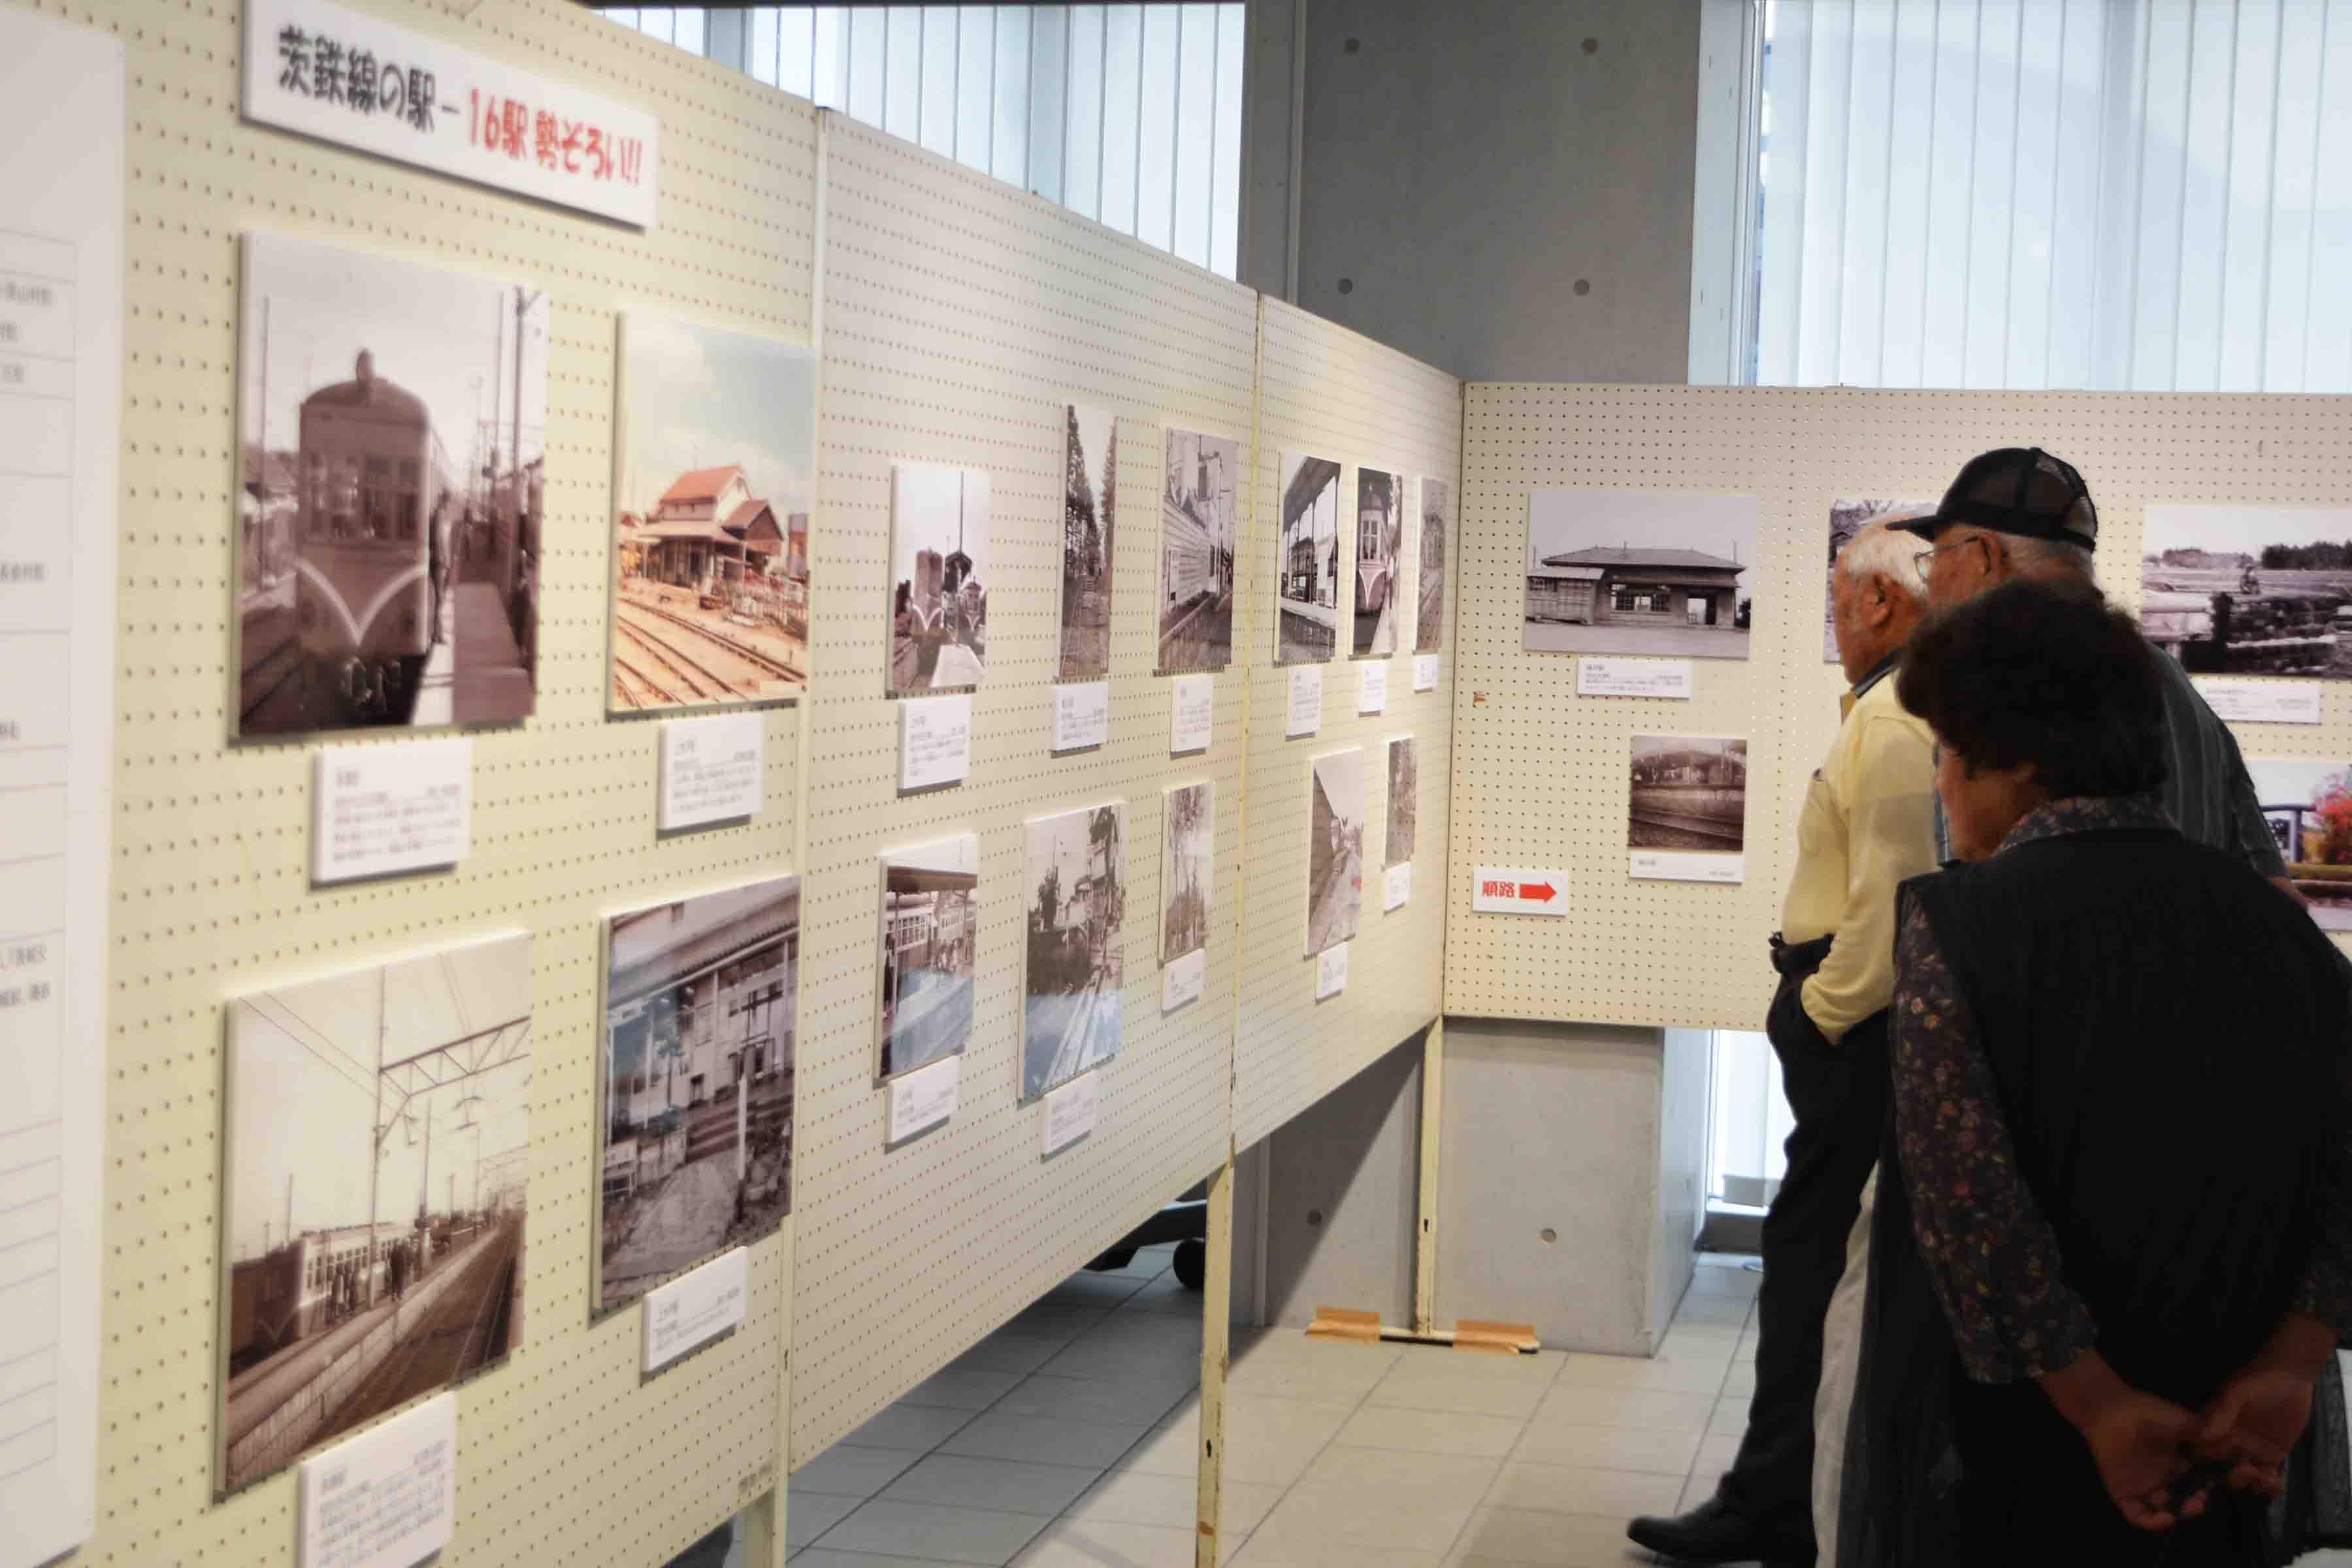 『『『茨城鉄道 展示の様子 役場本庁舎2』の画像』の画像』の画像